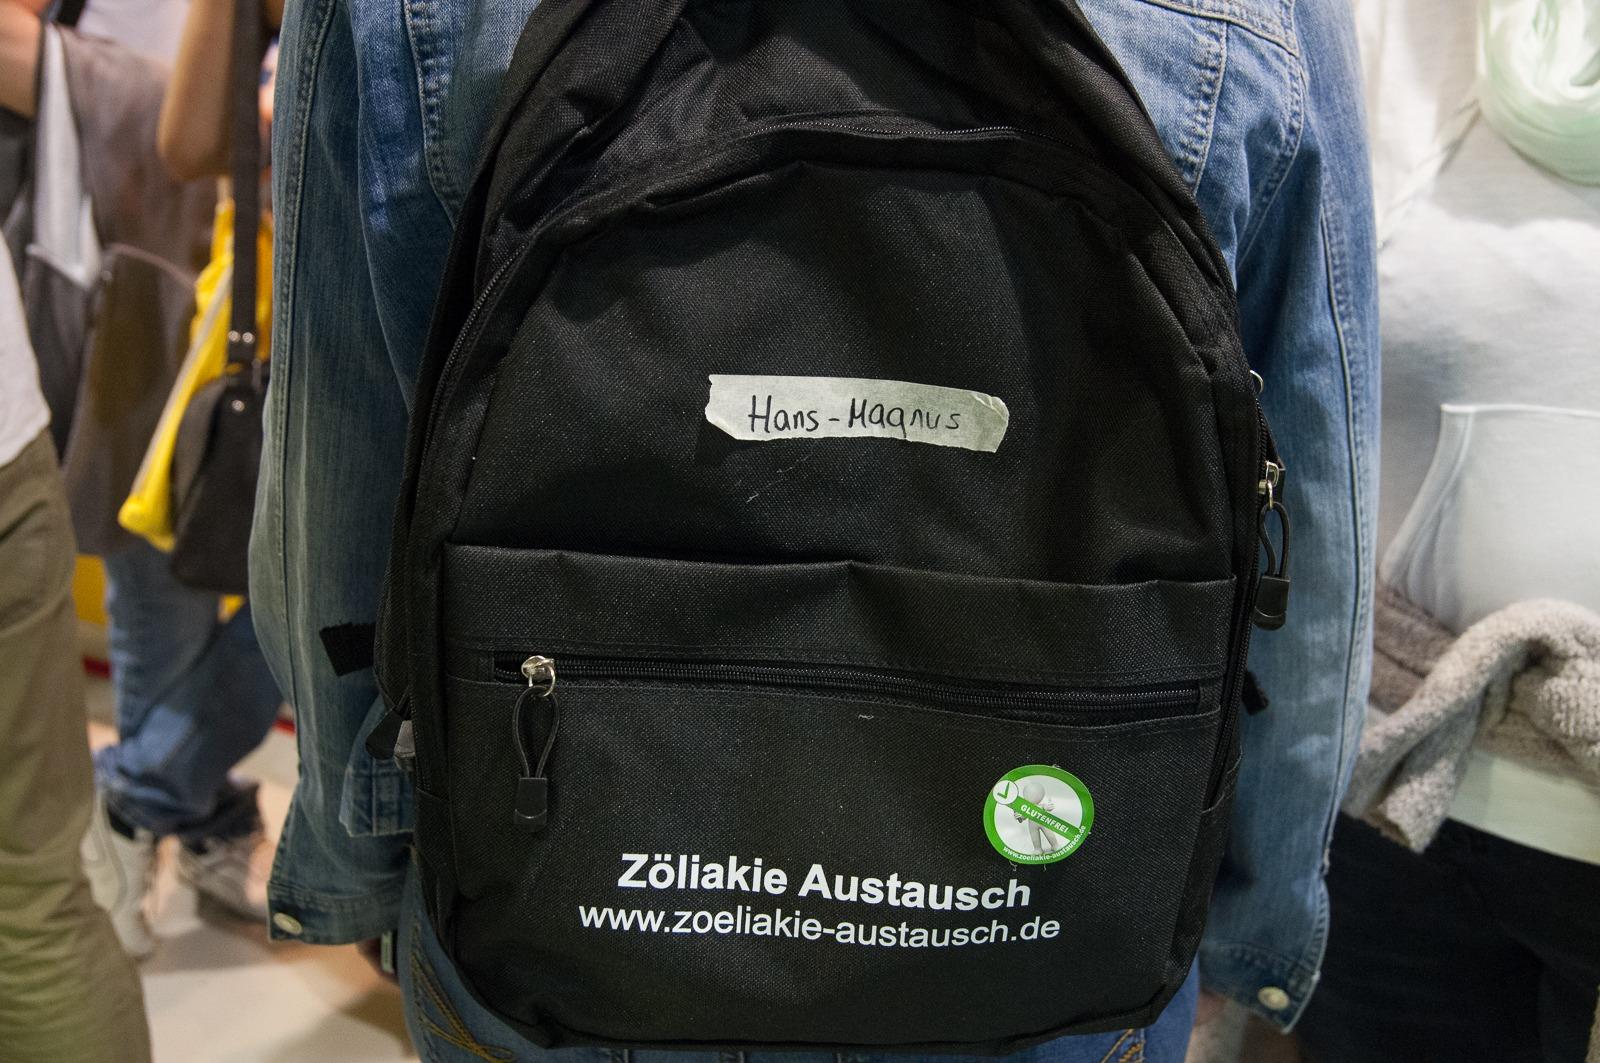 Zoeliakie-Austausch_AllergyFreefromShow_Berlin_2017_144